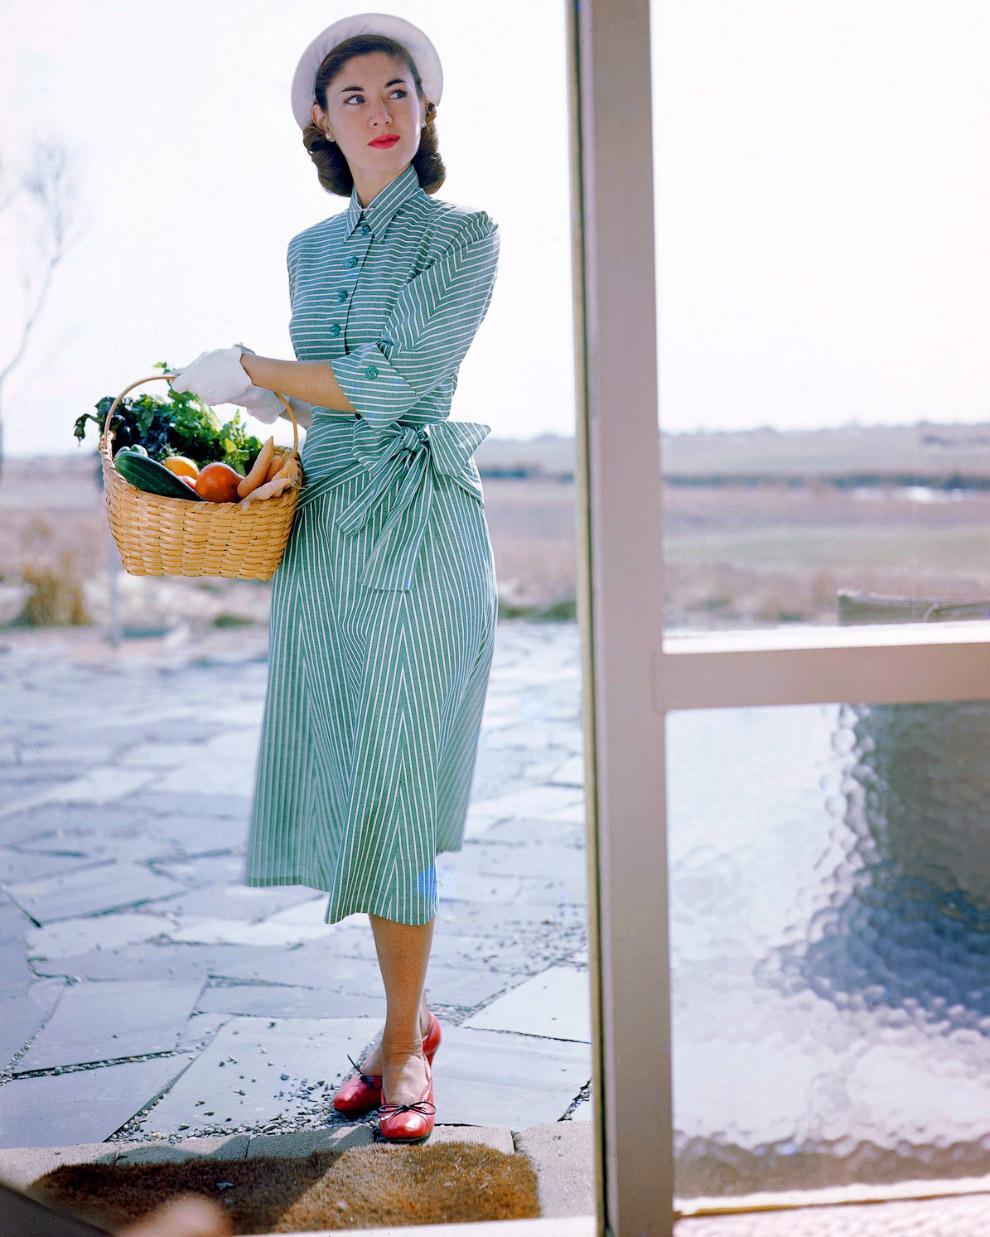 30. Юбка от Слот, свитер от Маджестик, и шляпка от Бетмар, 1949 год.